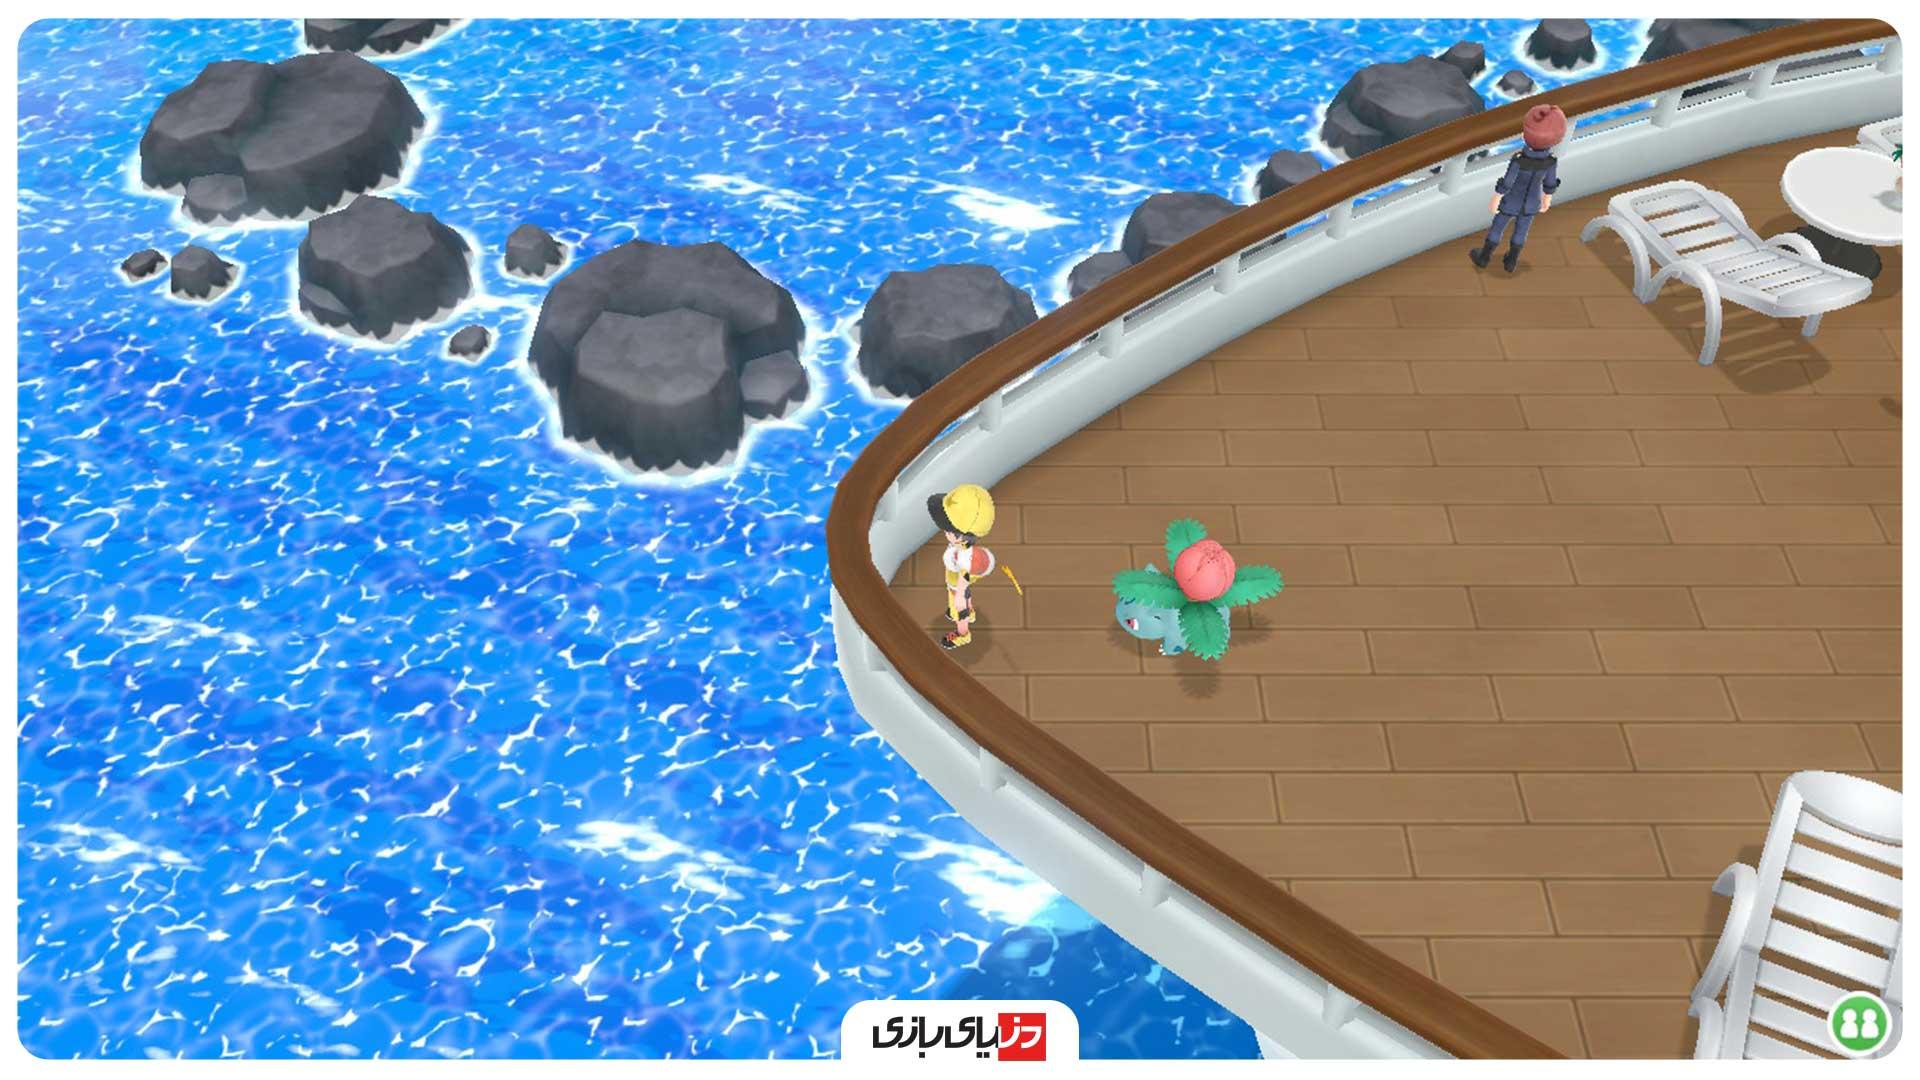 تریلر بازی Pokemon Let's Go Pikachu and Let's Go Eevee - گیم پلی بازی Pokemon Let's Go Pikachu and Let's Go Eevee - بررسی بازی پوکمون